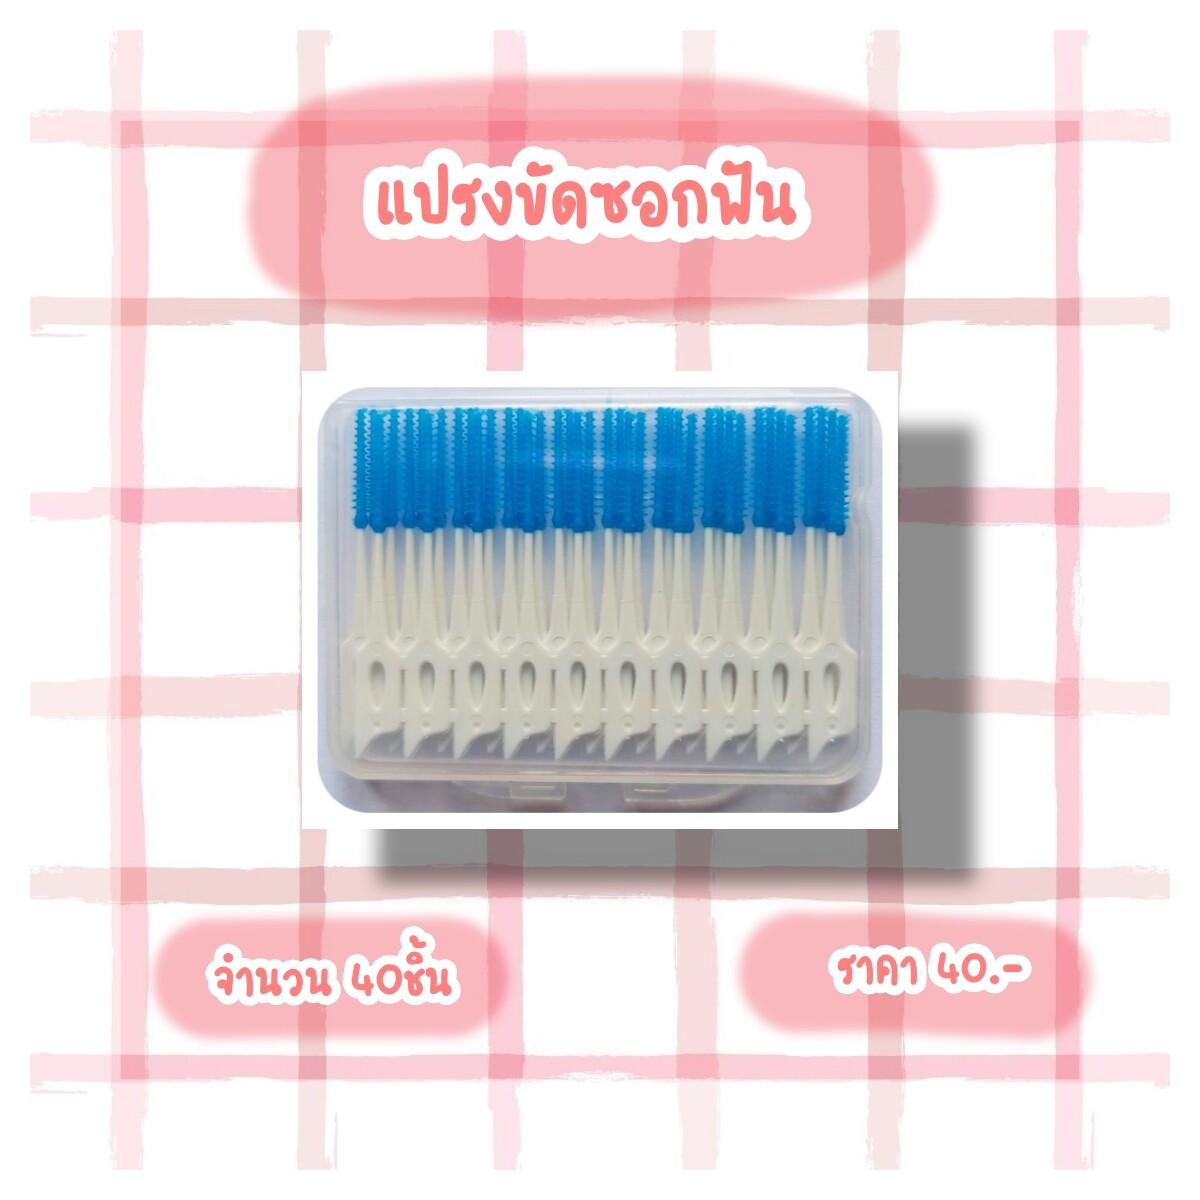 แปรงขัดซอกฟัน ซิลิโคลน 1กล่อง 40ชิ้น พร้อมส่งจากไทย ส่งไว ส่งจริง.